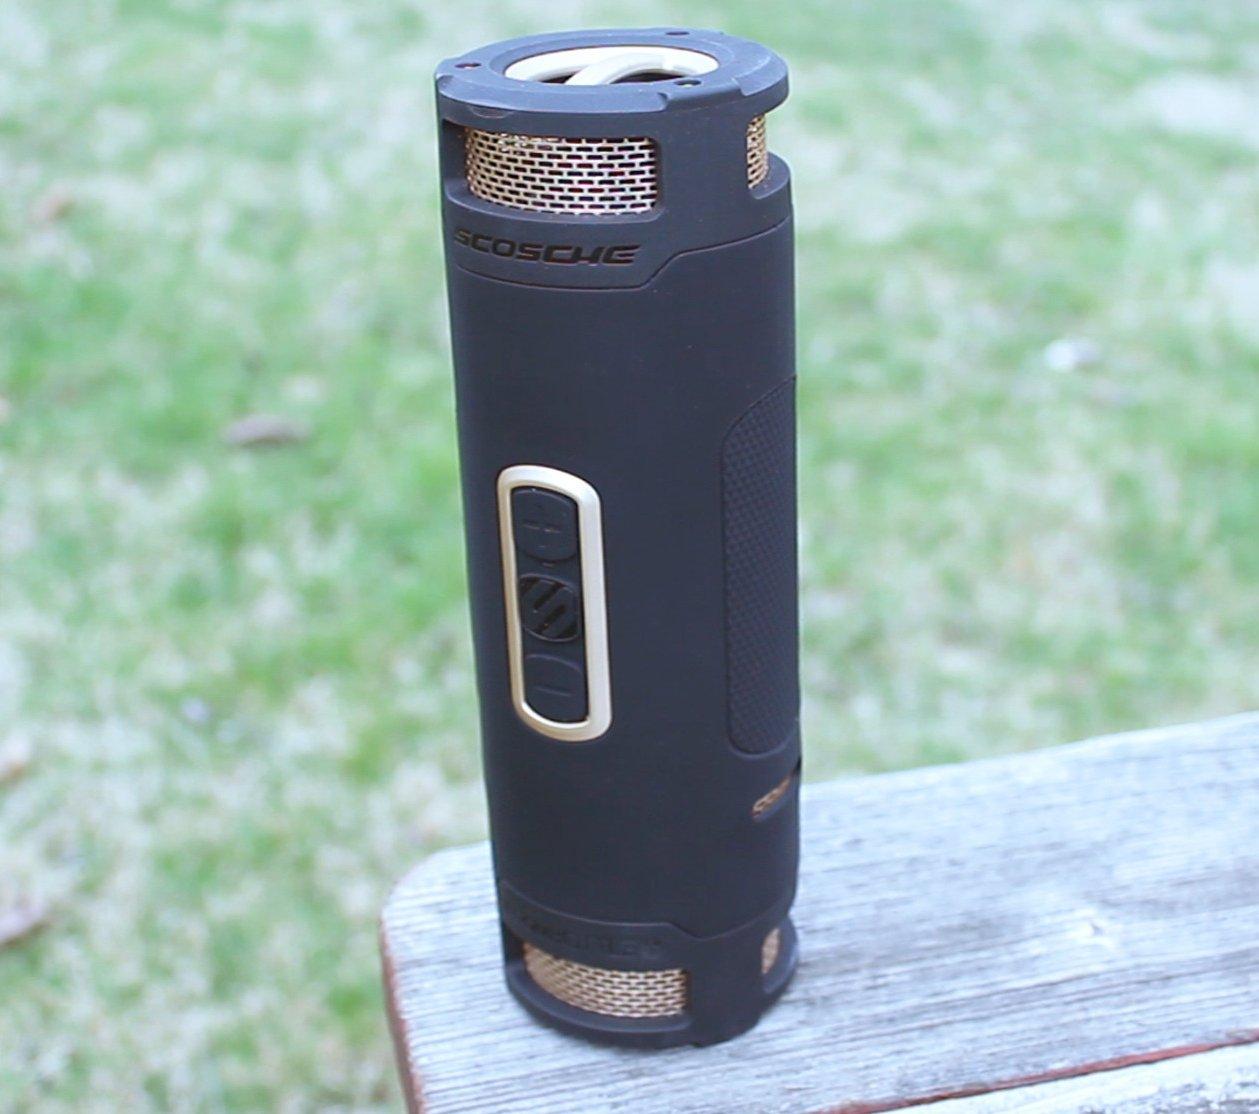 Scoche boomBOTTLE+ – waterproof bluetooth speaker